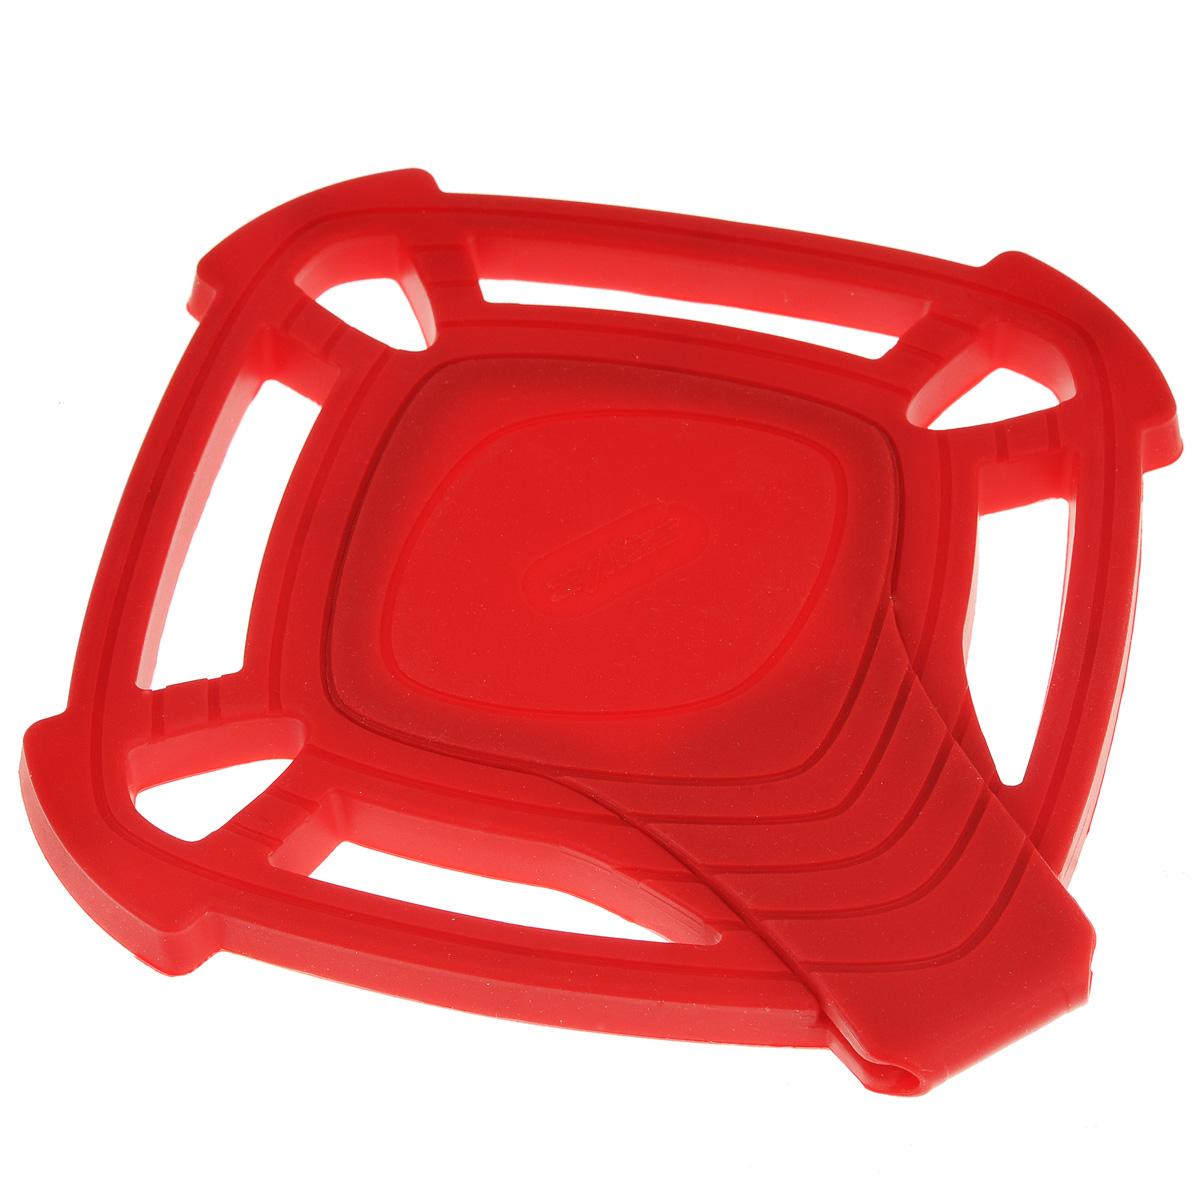 Подставка под горячее Zyliss, цвет: красный, 14,5 см х 14,5 смE990018Подставка под горячее Zyliss изготовлена из качественного и очень прочного силикона, позволяет выдерживать температуру до 240°С. Термостойкая подставка предназначена для кастрюль, горячих сковородок и тарелок, позволит вам сохранить покрытие ваших столов. Материал не скользит по поверхности стола. Подставка обладает уникальным свойством: средняя секция раскладывается, превращаясь в удобную подставку для половника. Подставка безопасна при контакте с тефлоновой поверхностью. Подставка под горячее Zyliss незаменимый и очень полезный аксессуар на каждой кухне. Можно мыть в посудомоечной машине. Размер подставки: 14,5 см х 14,5 см.Длина подставки для половника: 14,5 см.